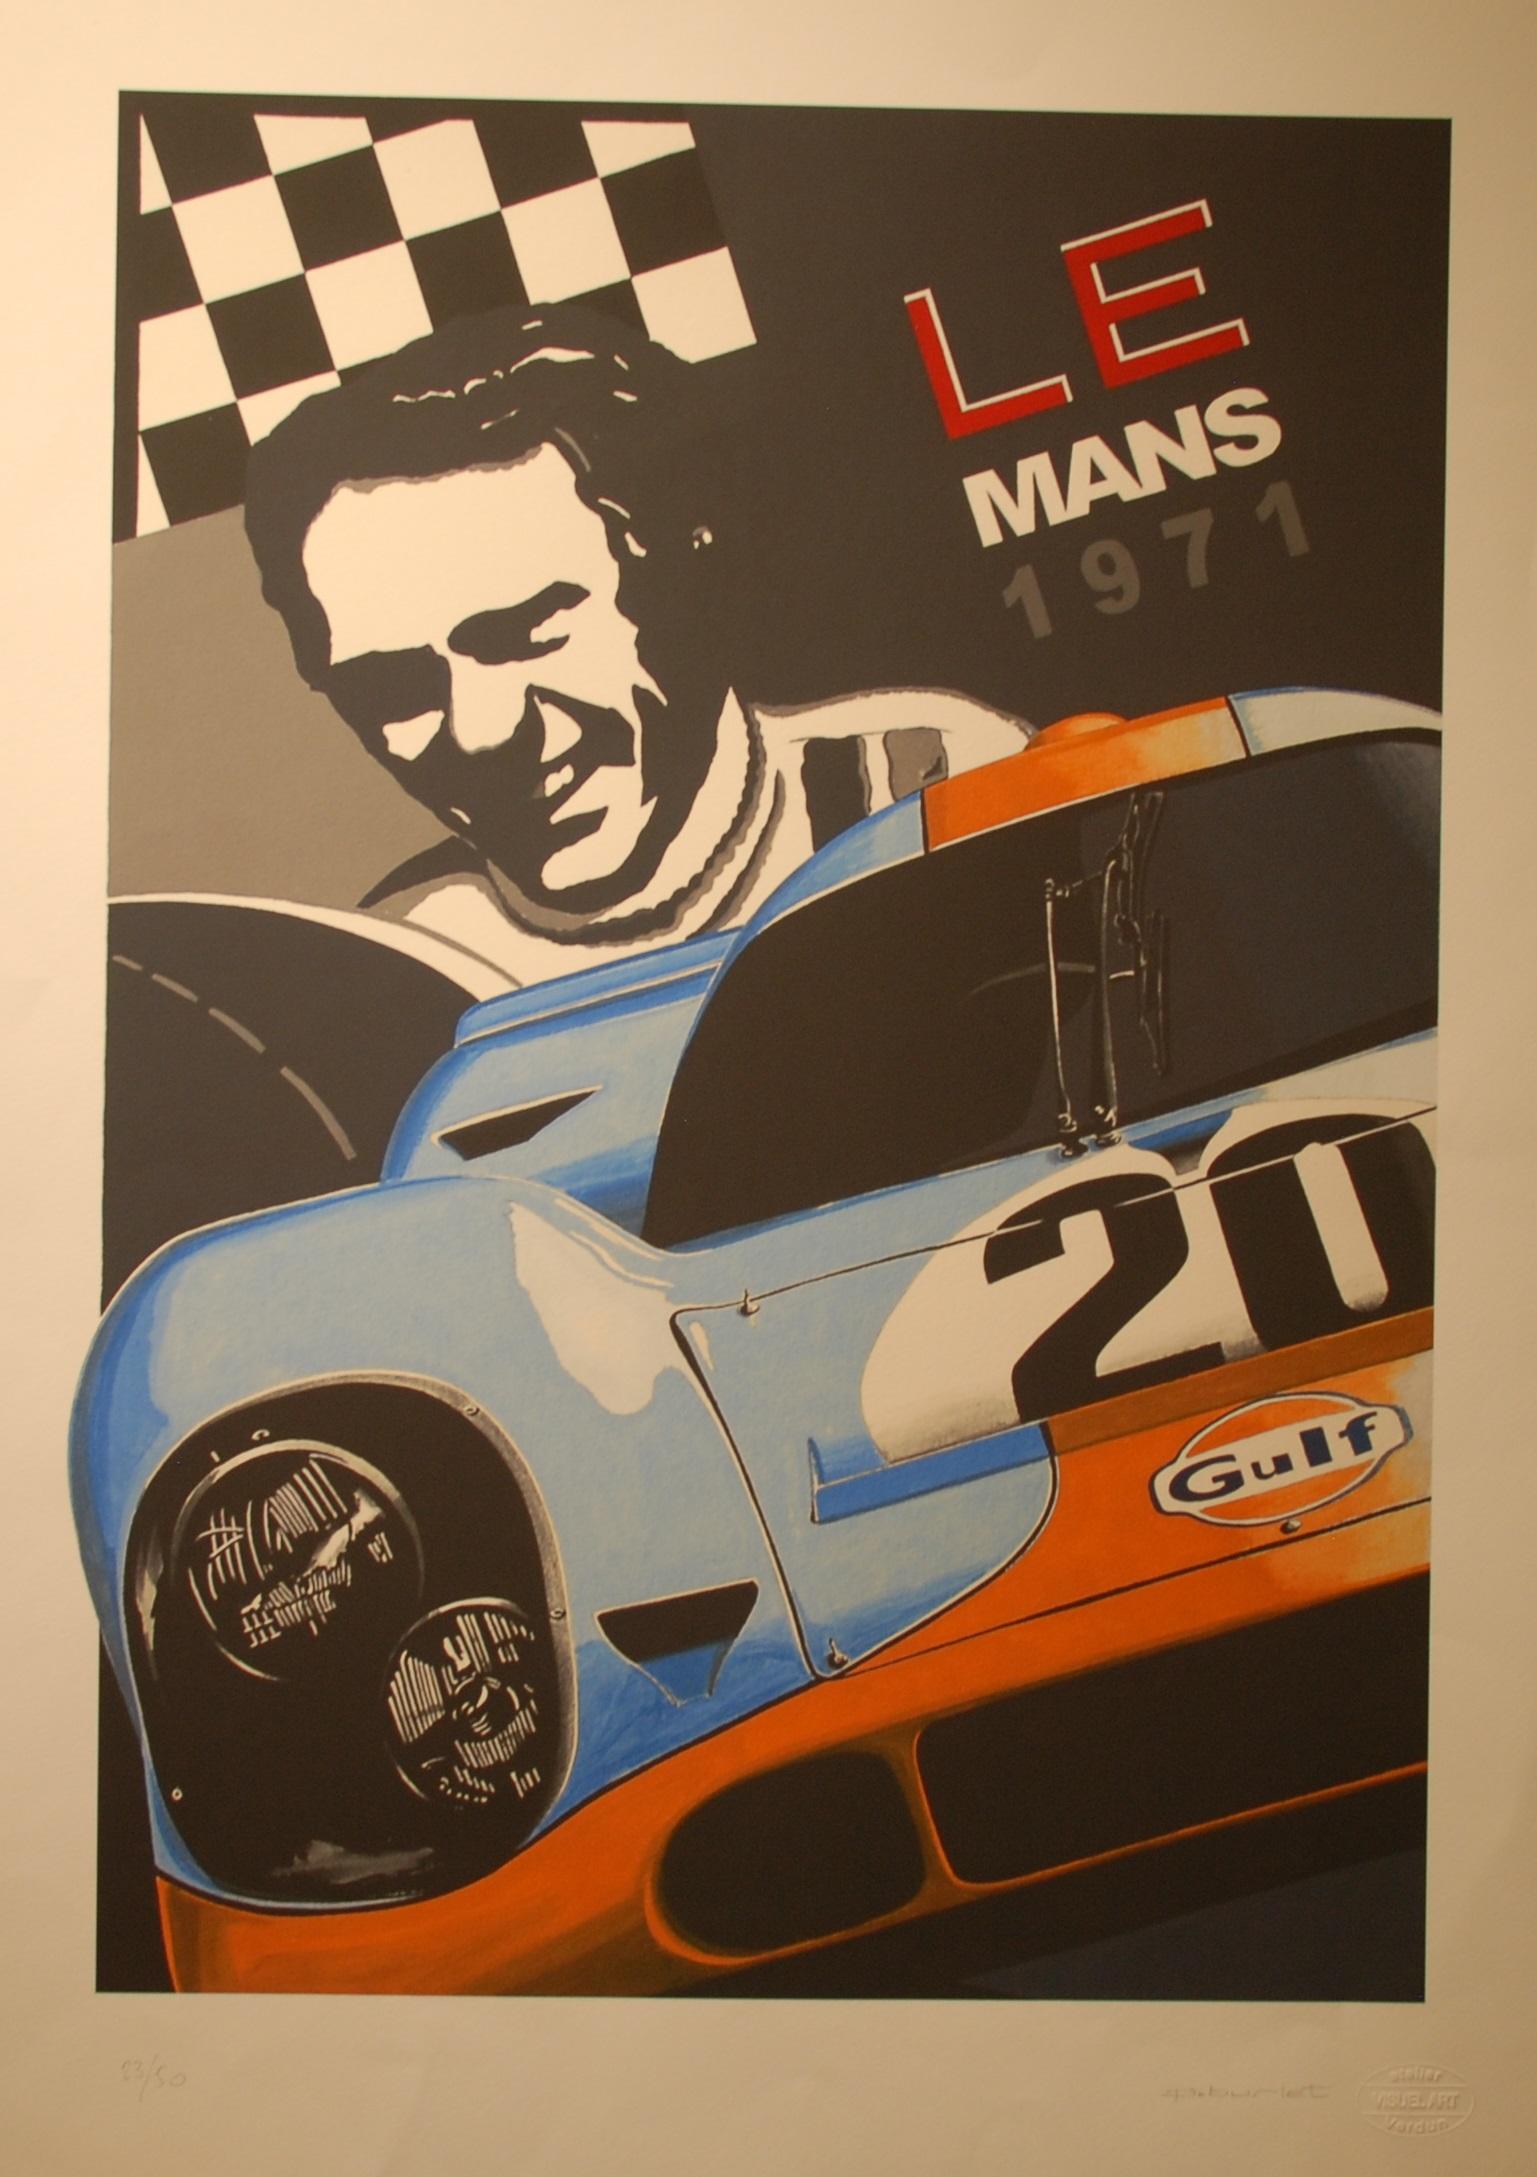 Le Mans 1971